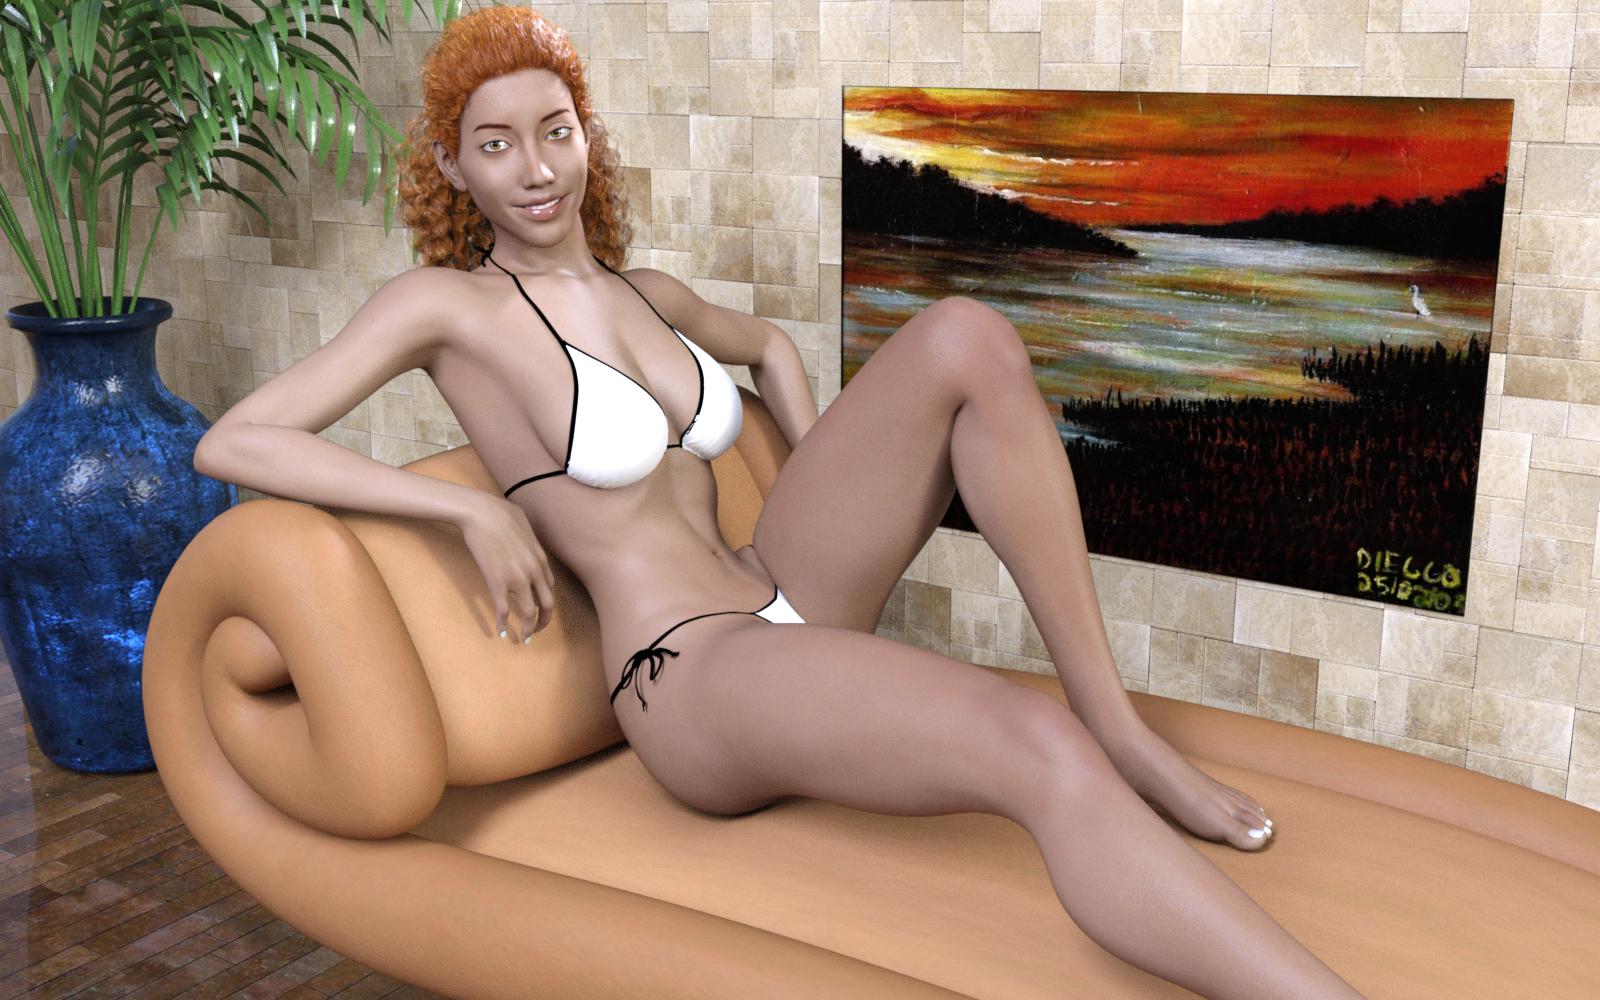 product_image_full_377683_f8036a273e07cc